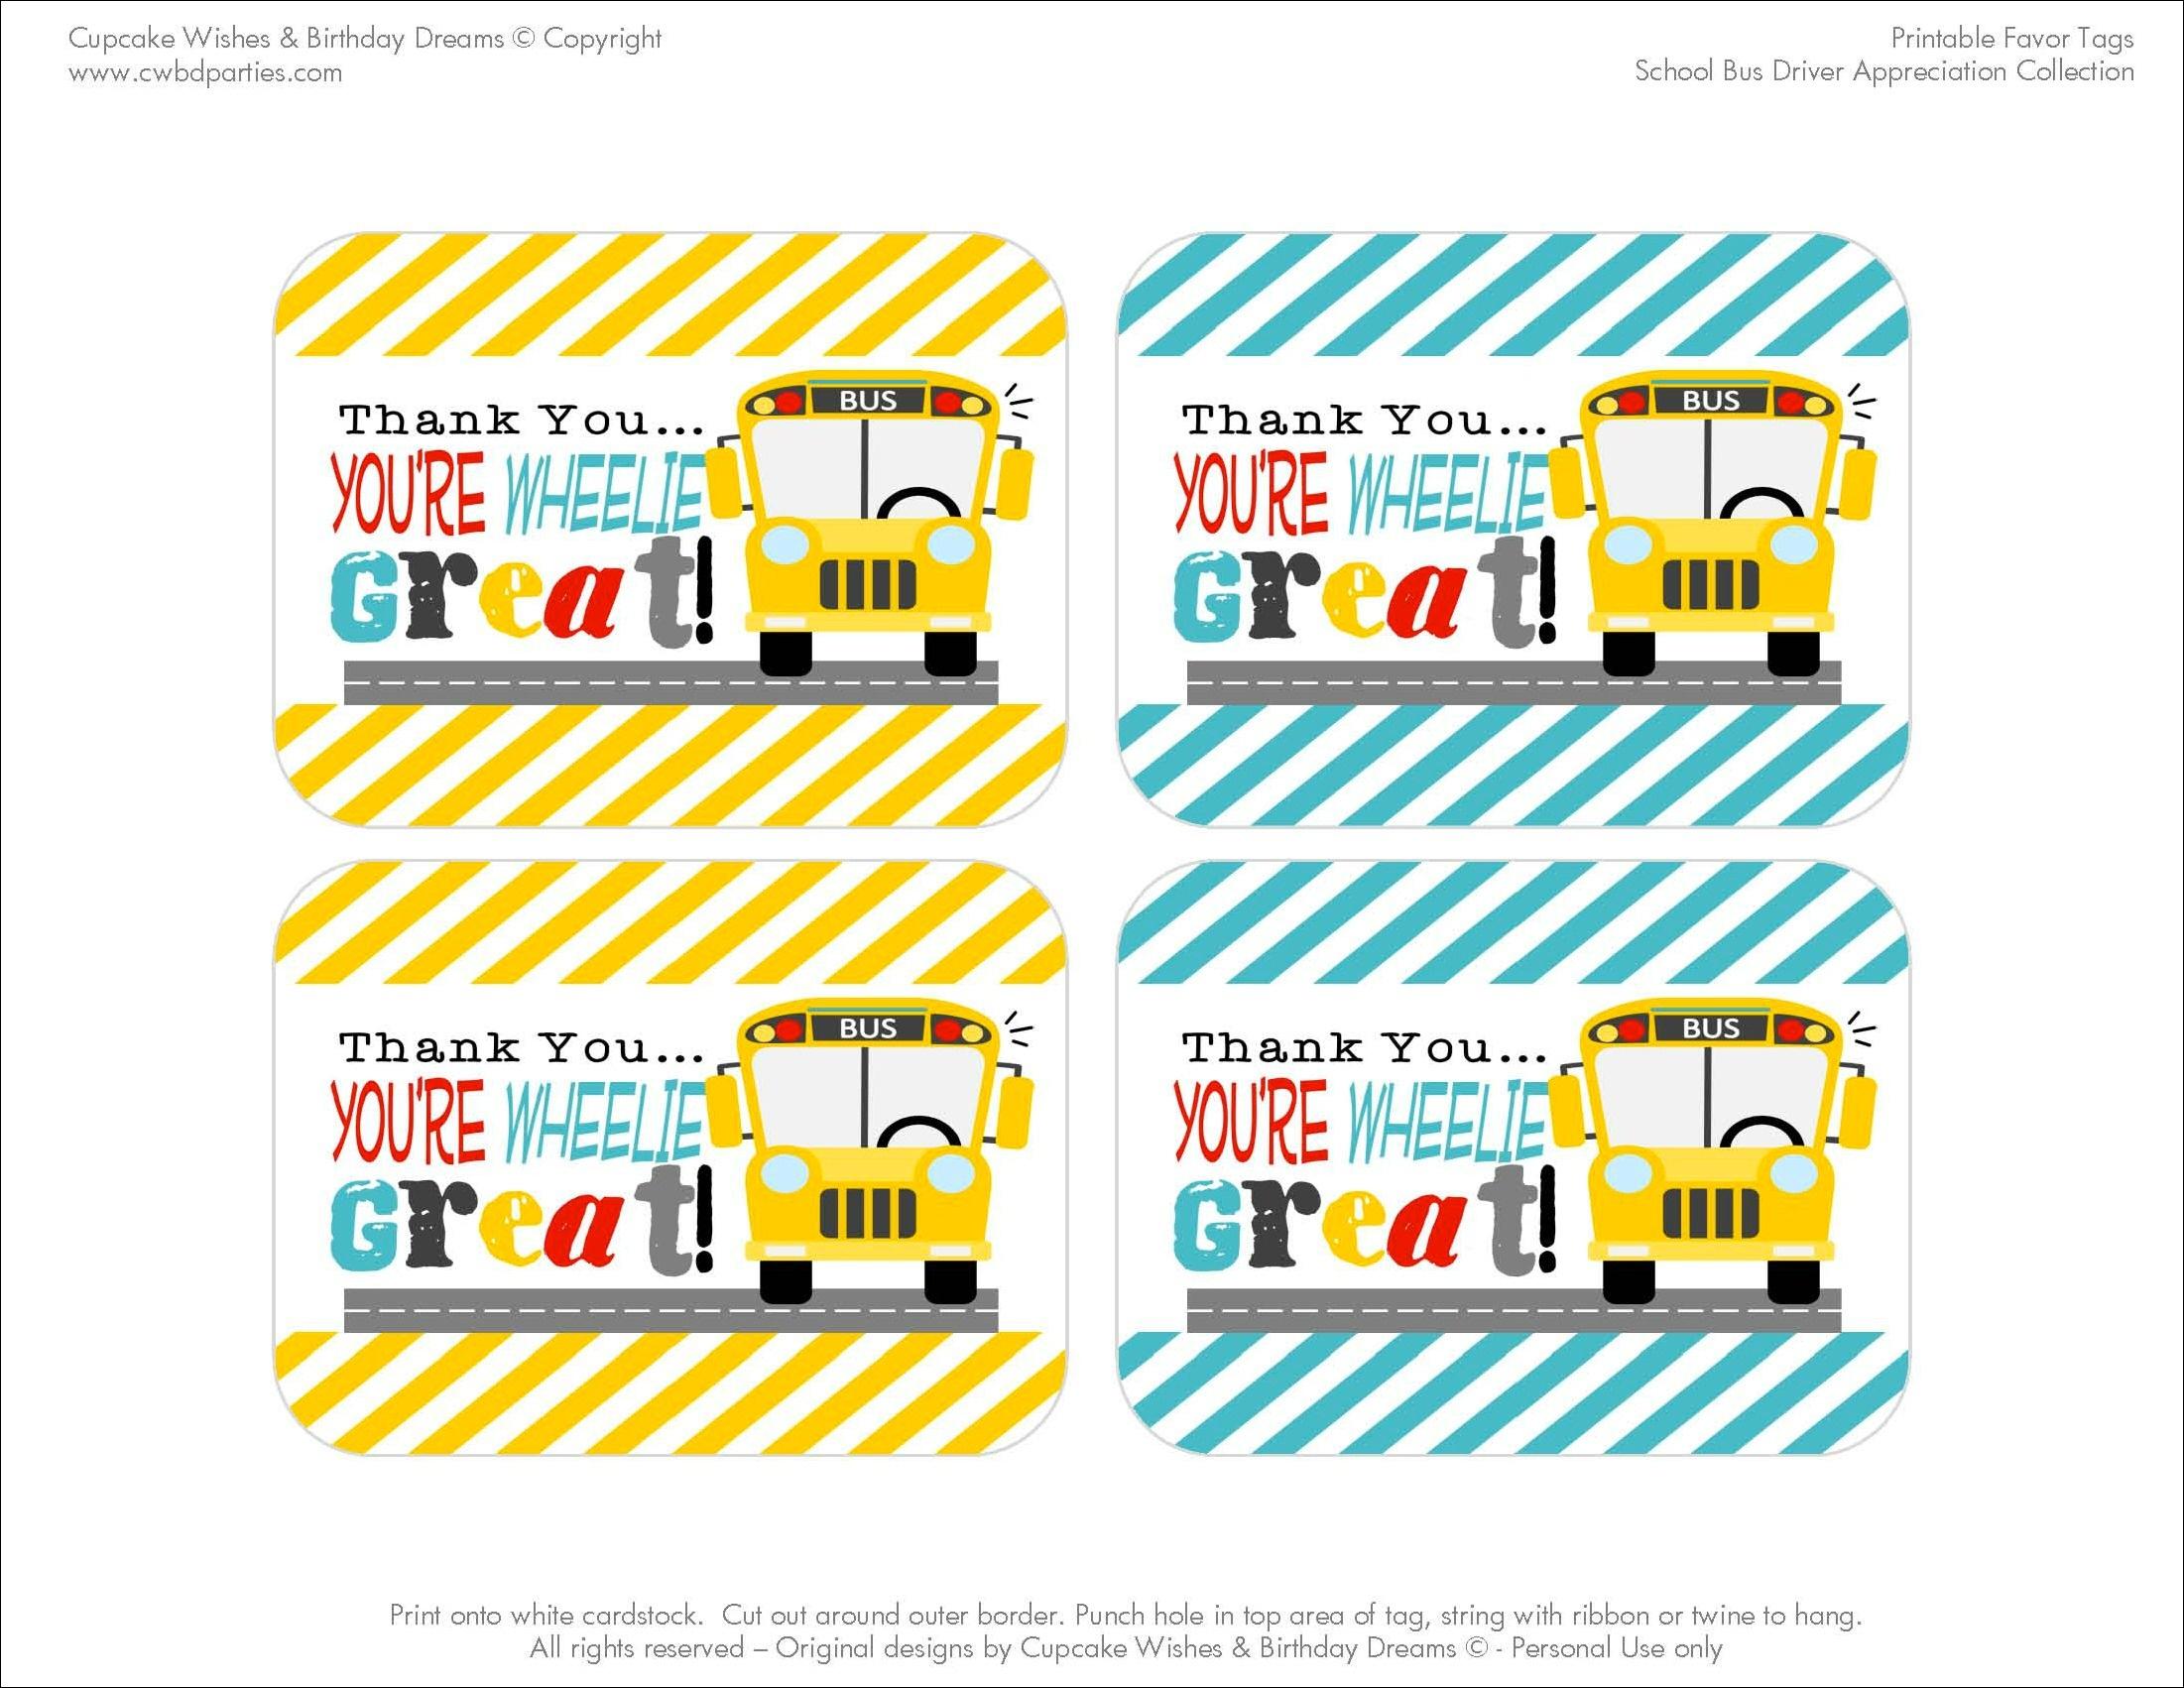 Free Printables: School Bus Driver Appreciation - Free Printable School Bus Template